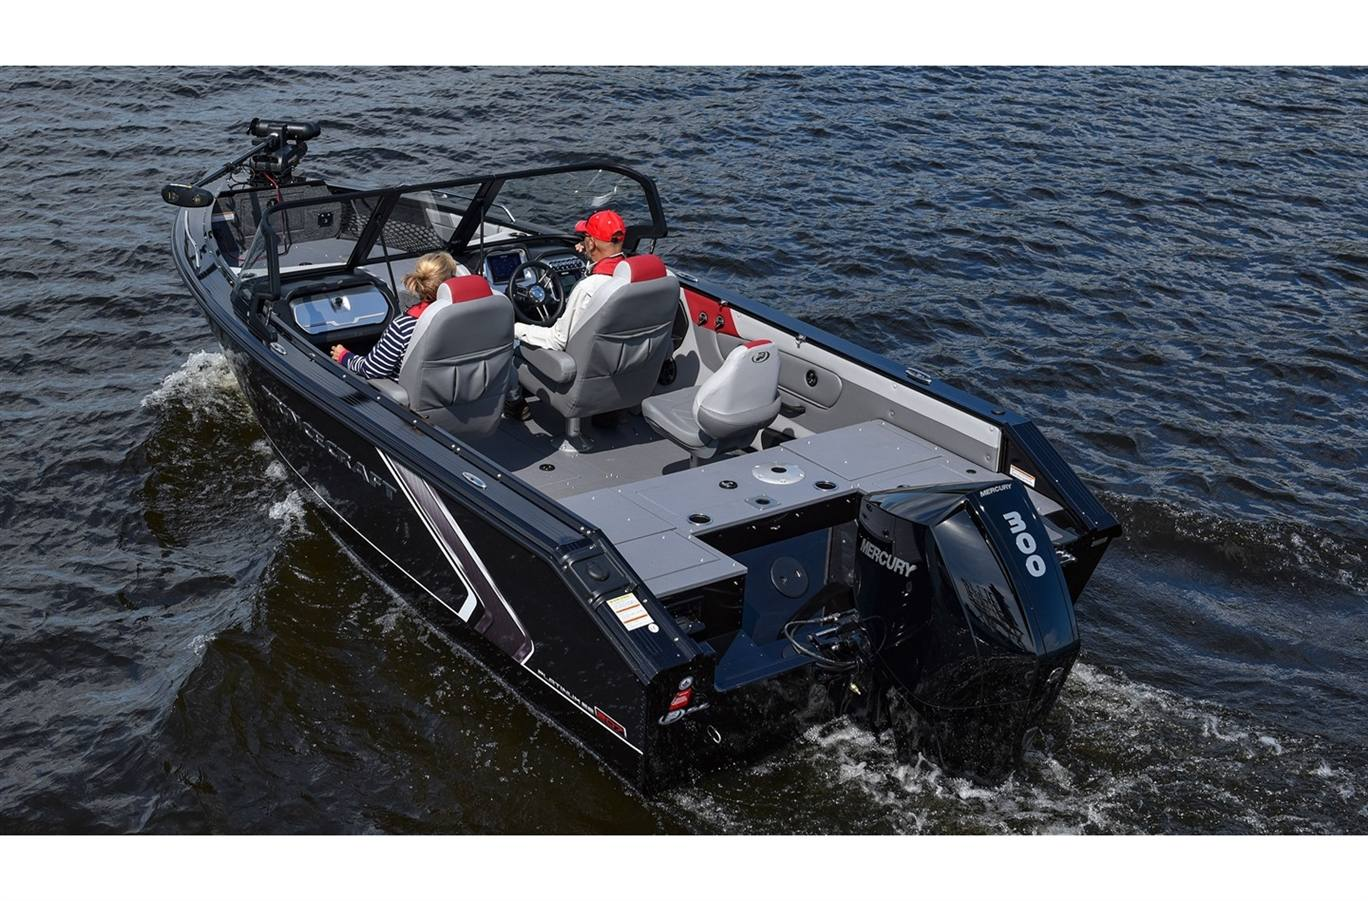 4x Red LED Boat Light Waterproof 12v Deck Princecraft Vogue 27 SE